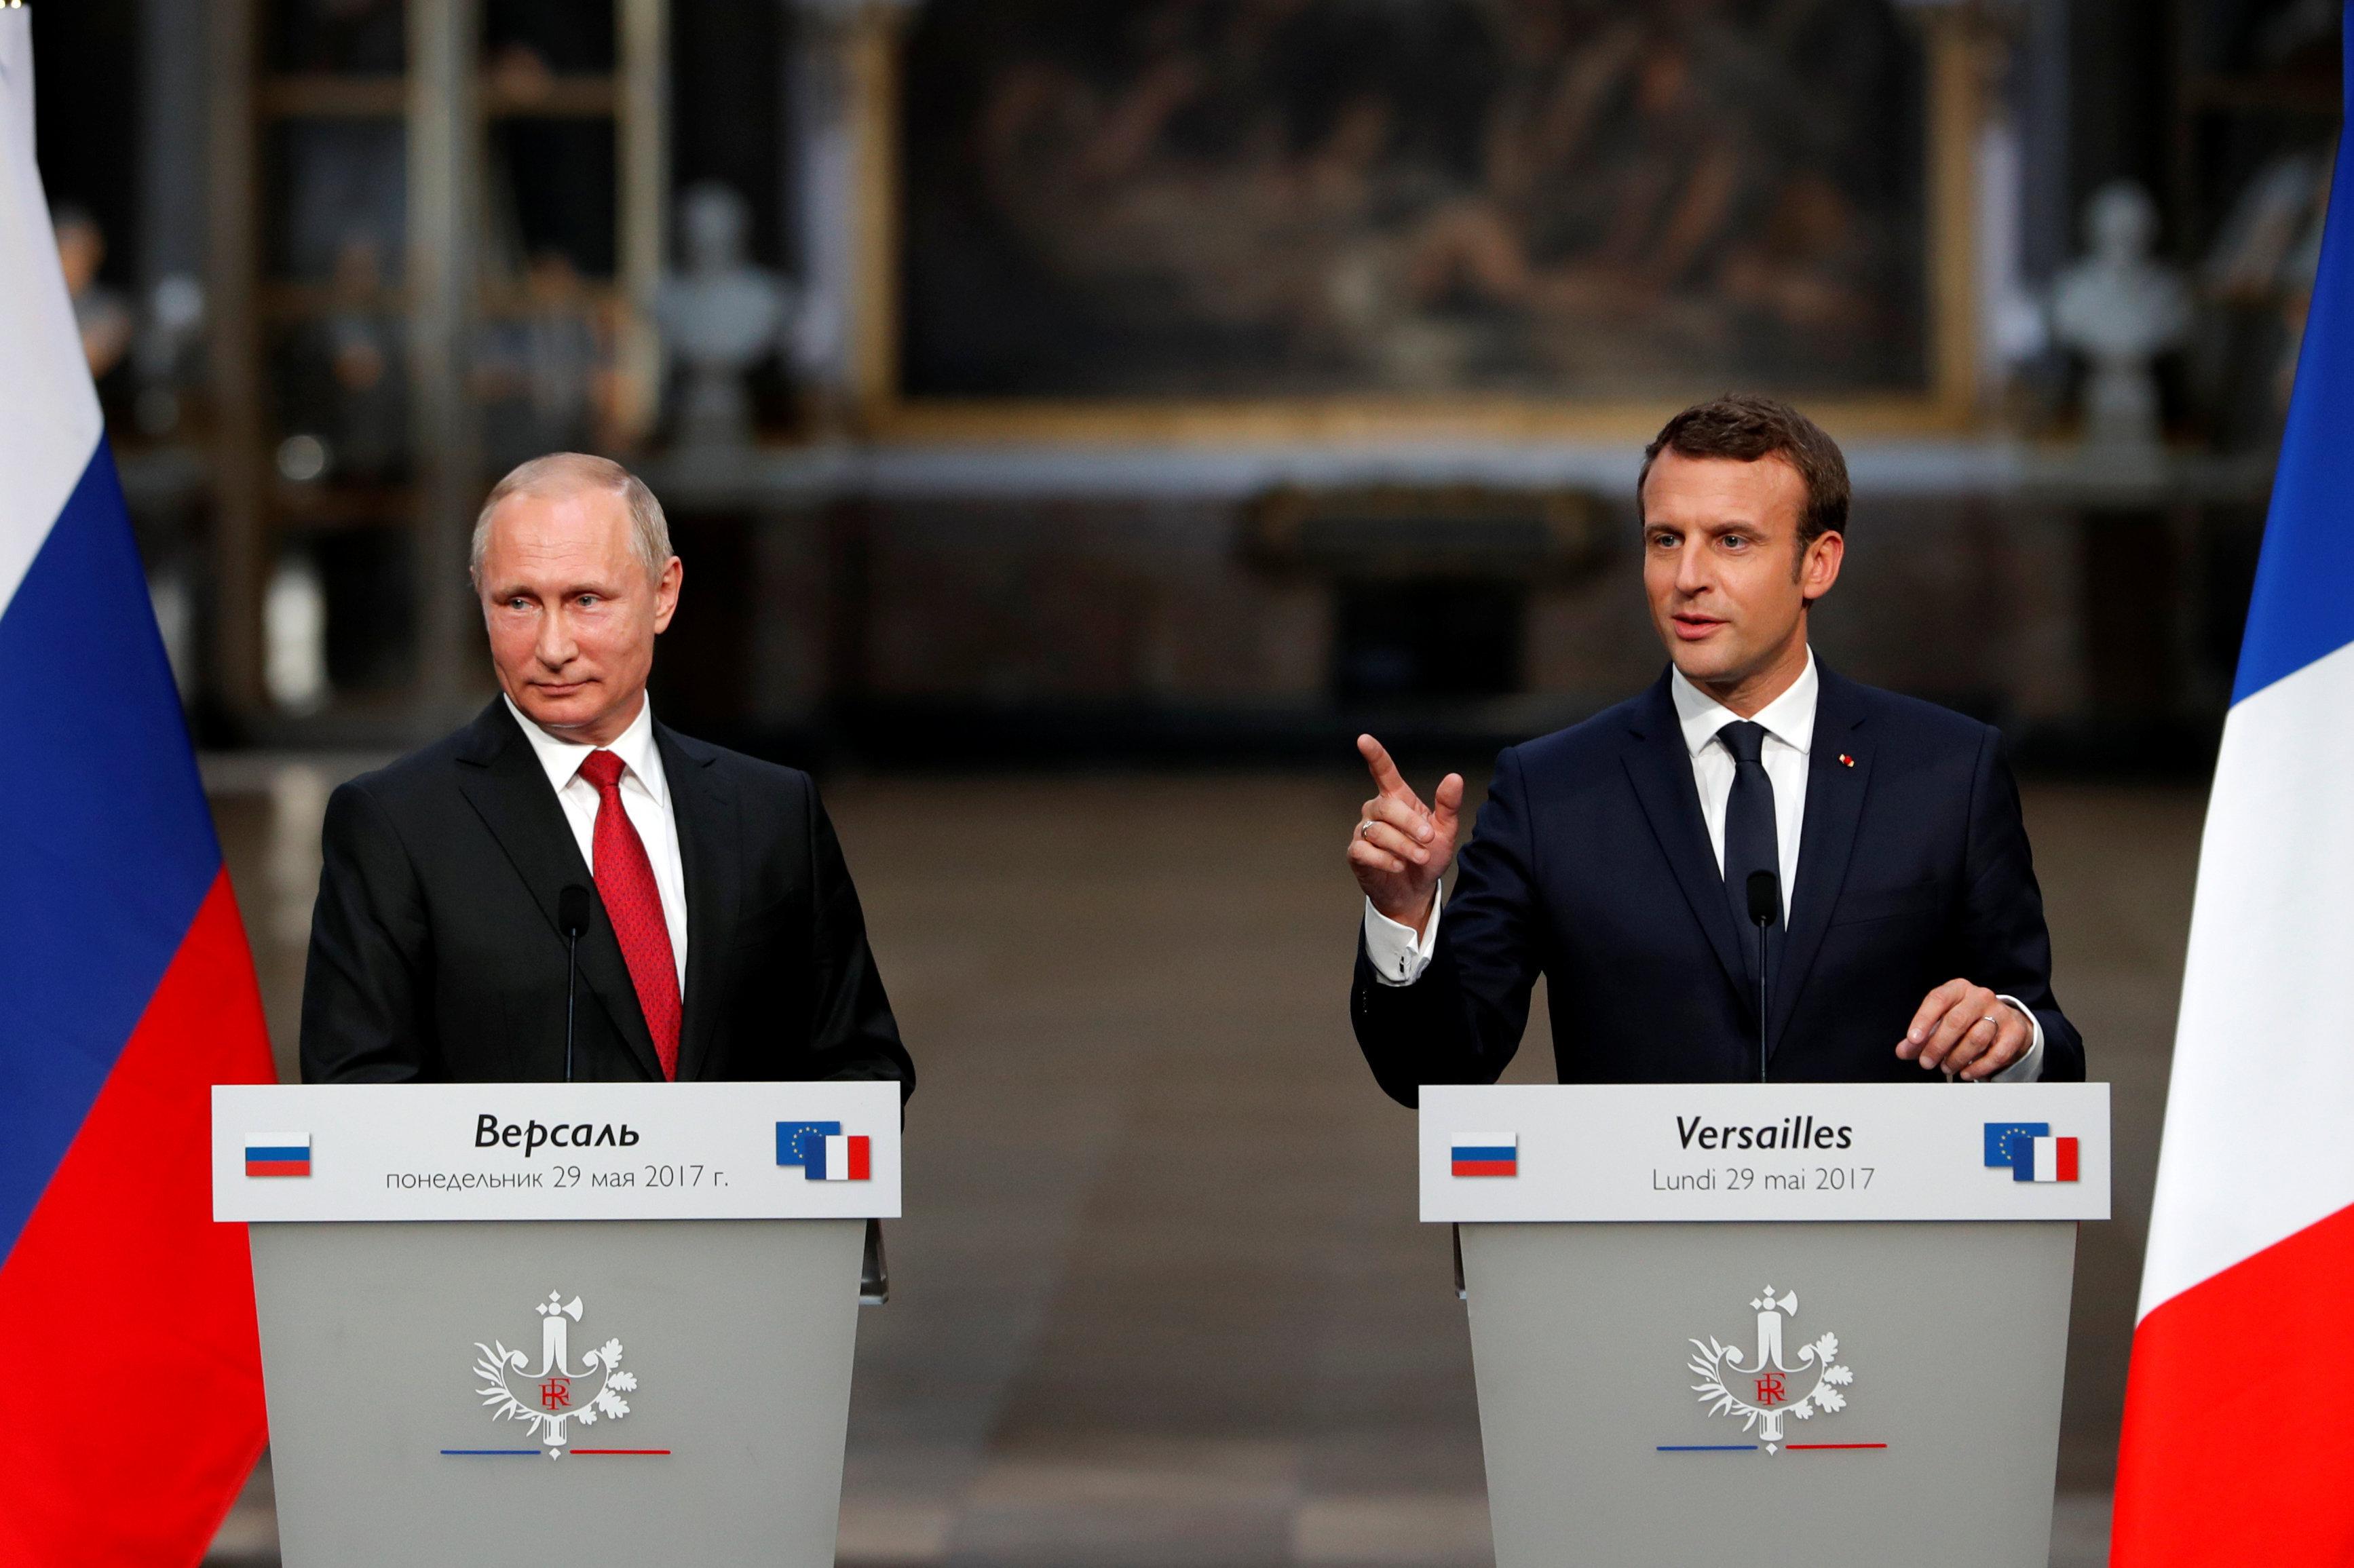 Российский президент Владимир Путин и президент Франции Эммануэль Макрон на совместной пресс-конференции в Версале